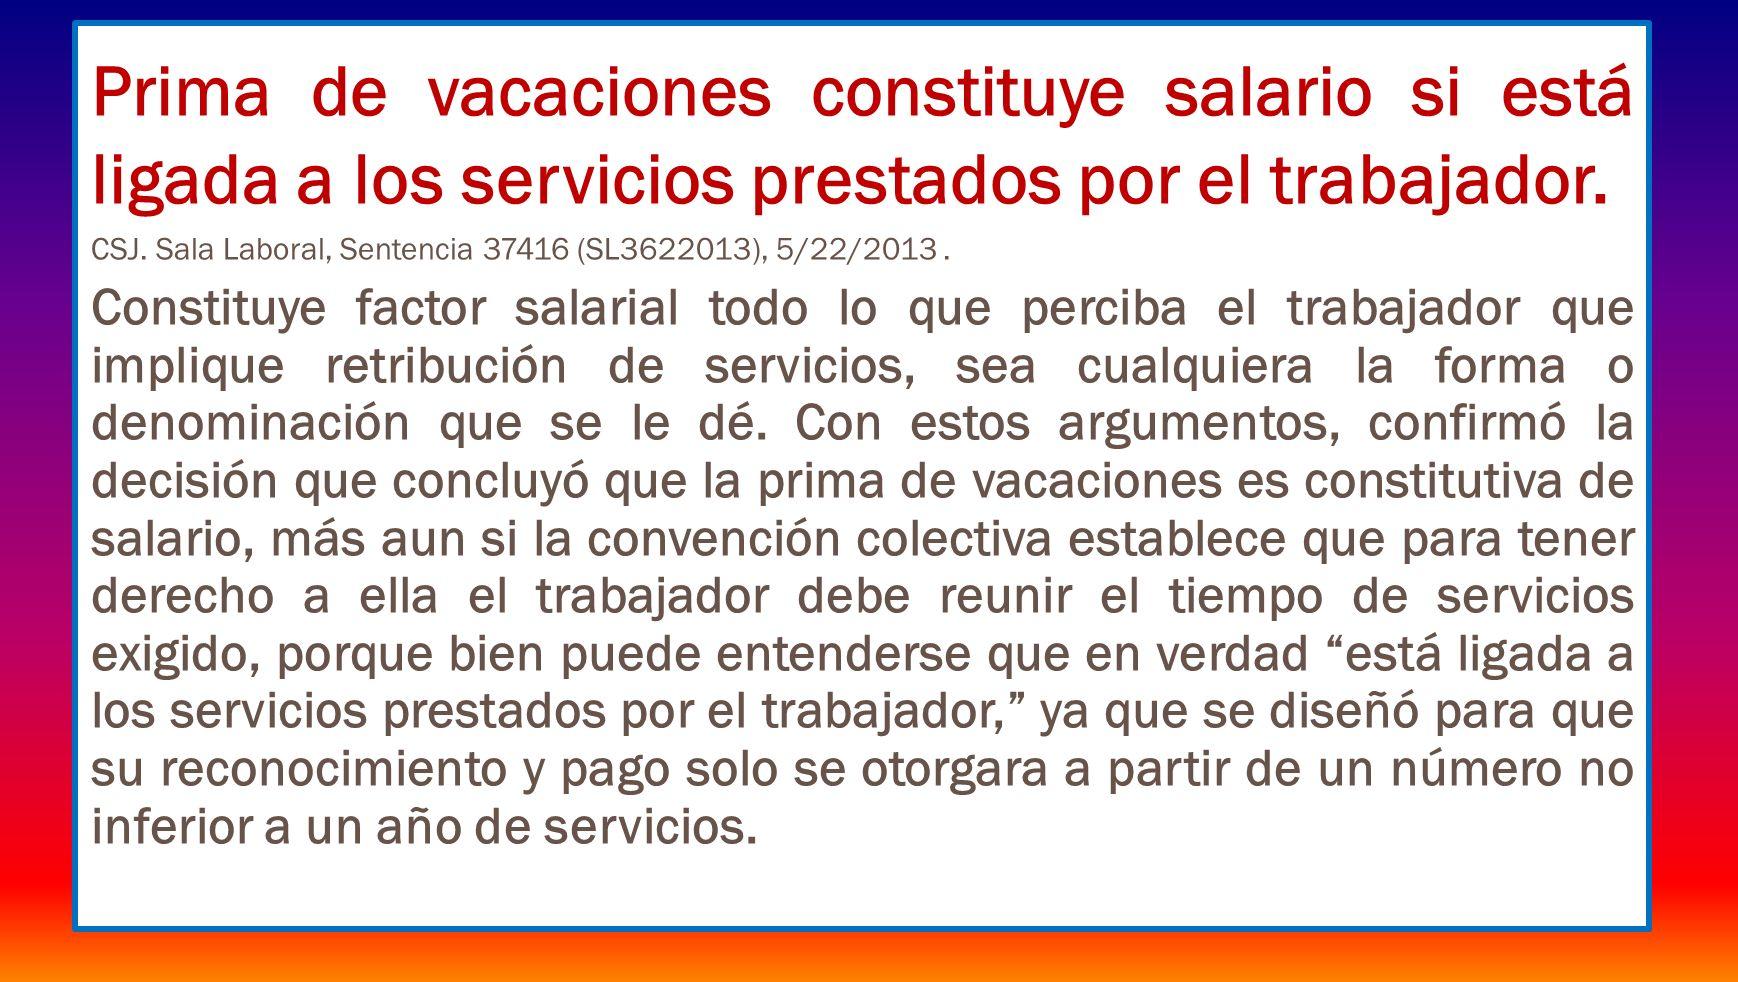 Prima de vacaciones constituye salario si está ligada a los servicios prestados por el trabajador. CSJ. Sala Laboral, Sentencia 37416 (SL3622013), 5/2